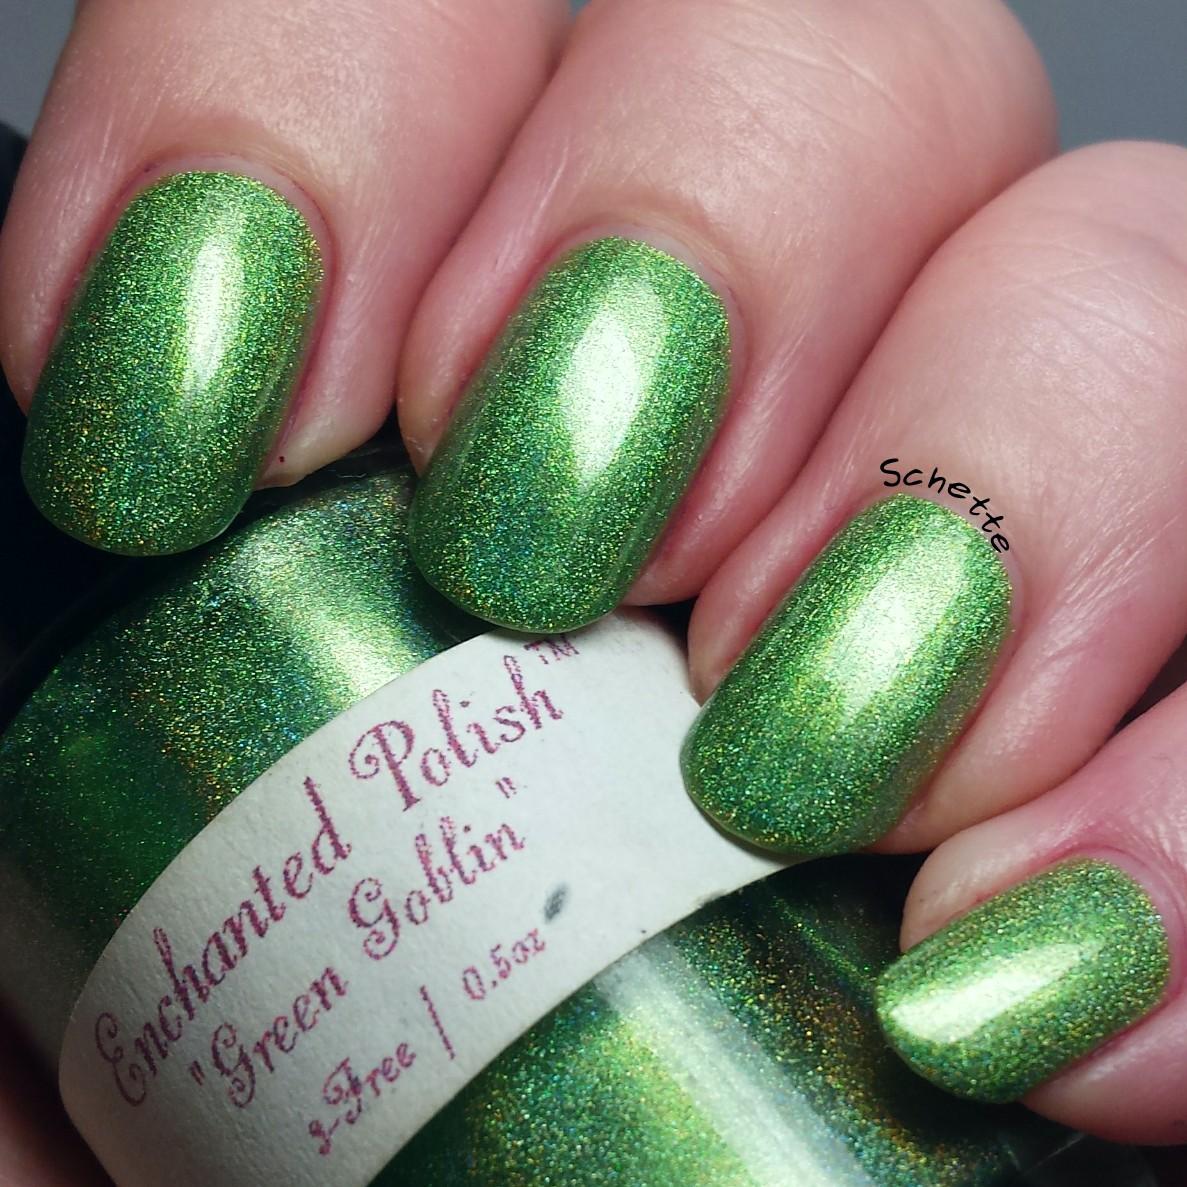 Enchanted Polish : Green Goblin